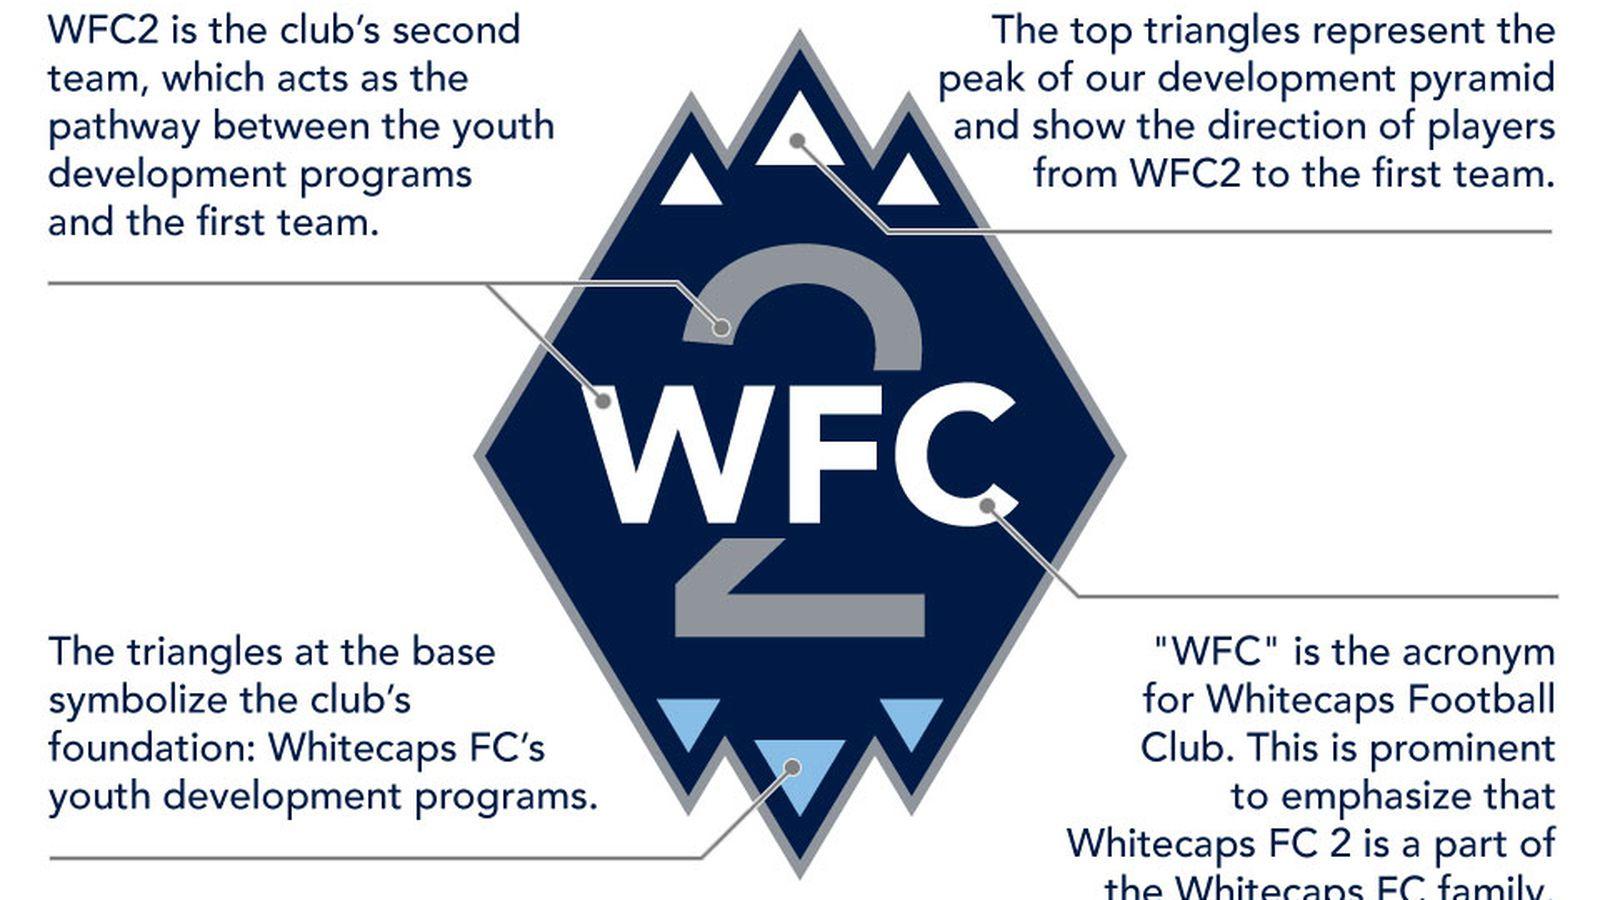 Wfc_198_960x960_logodetails3.0